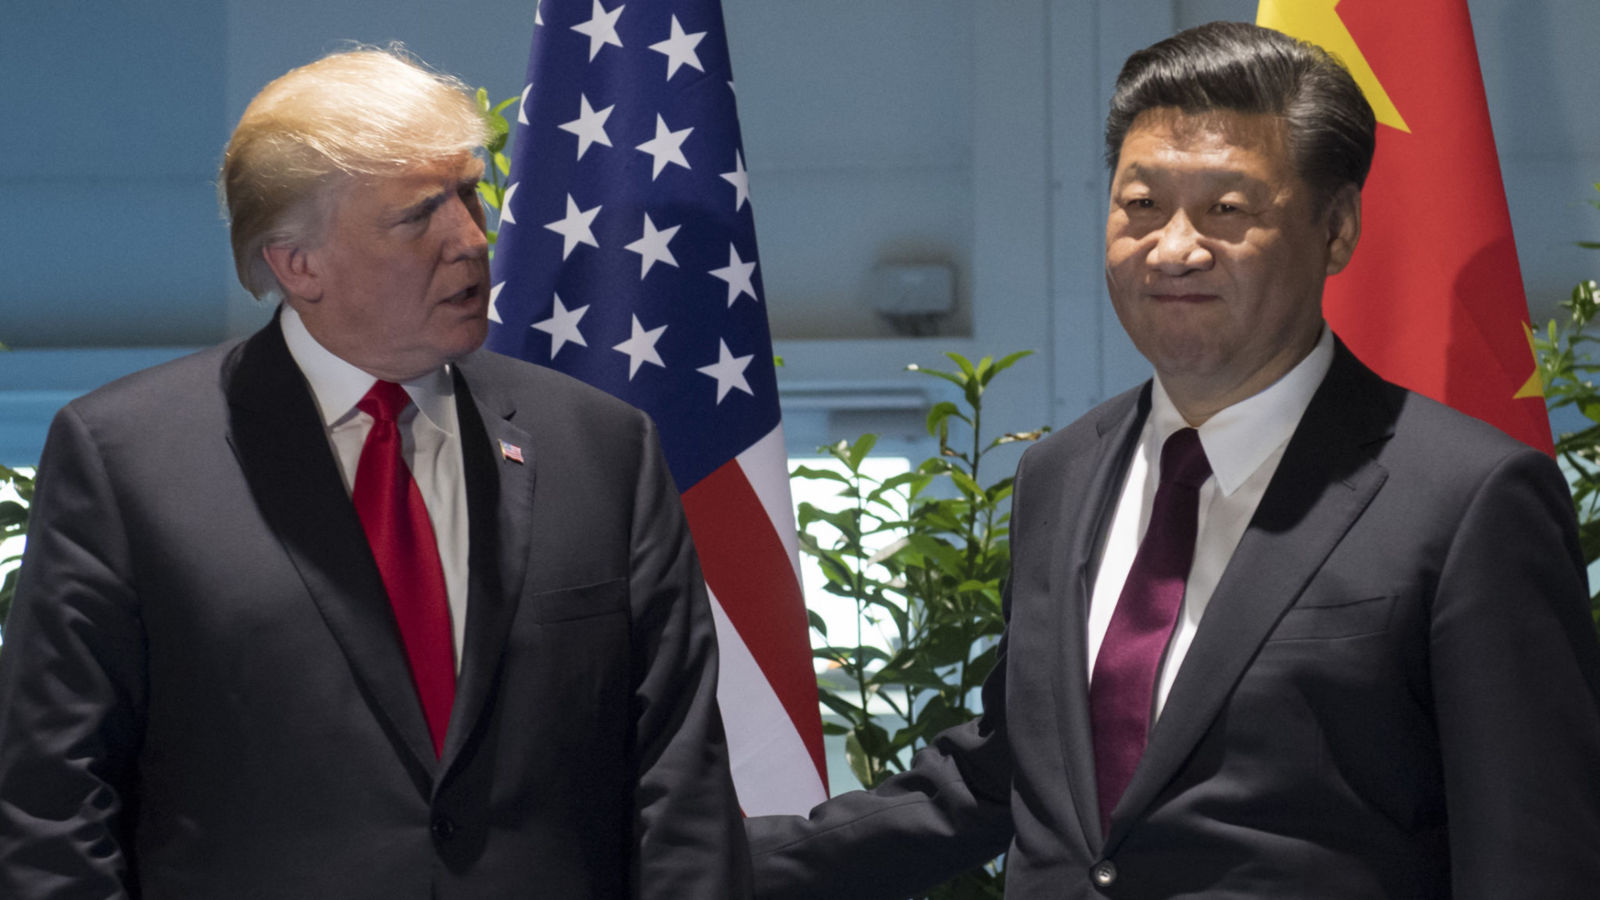 ABŞ-la Çin arasında gərginlik: Bəyannamə imzalanmadı